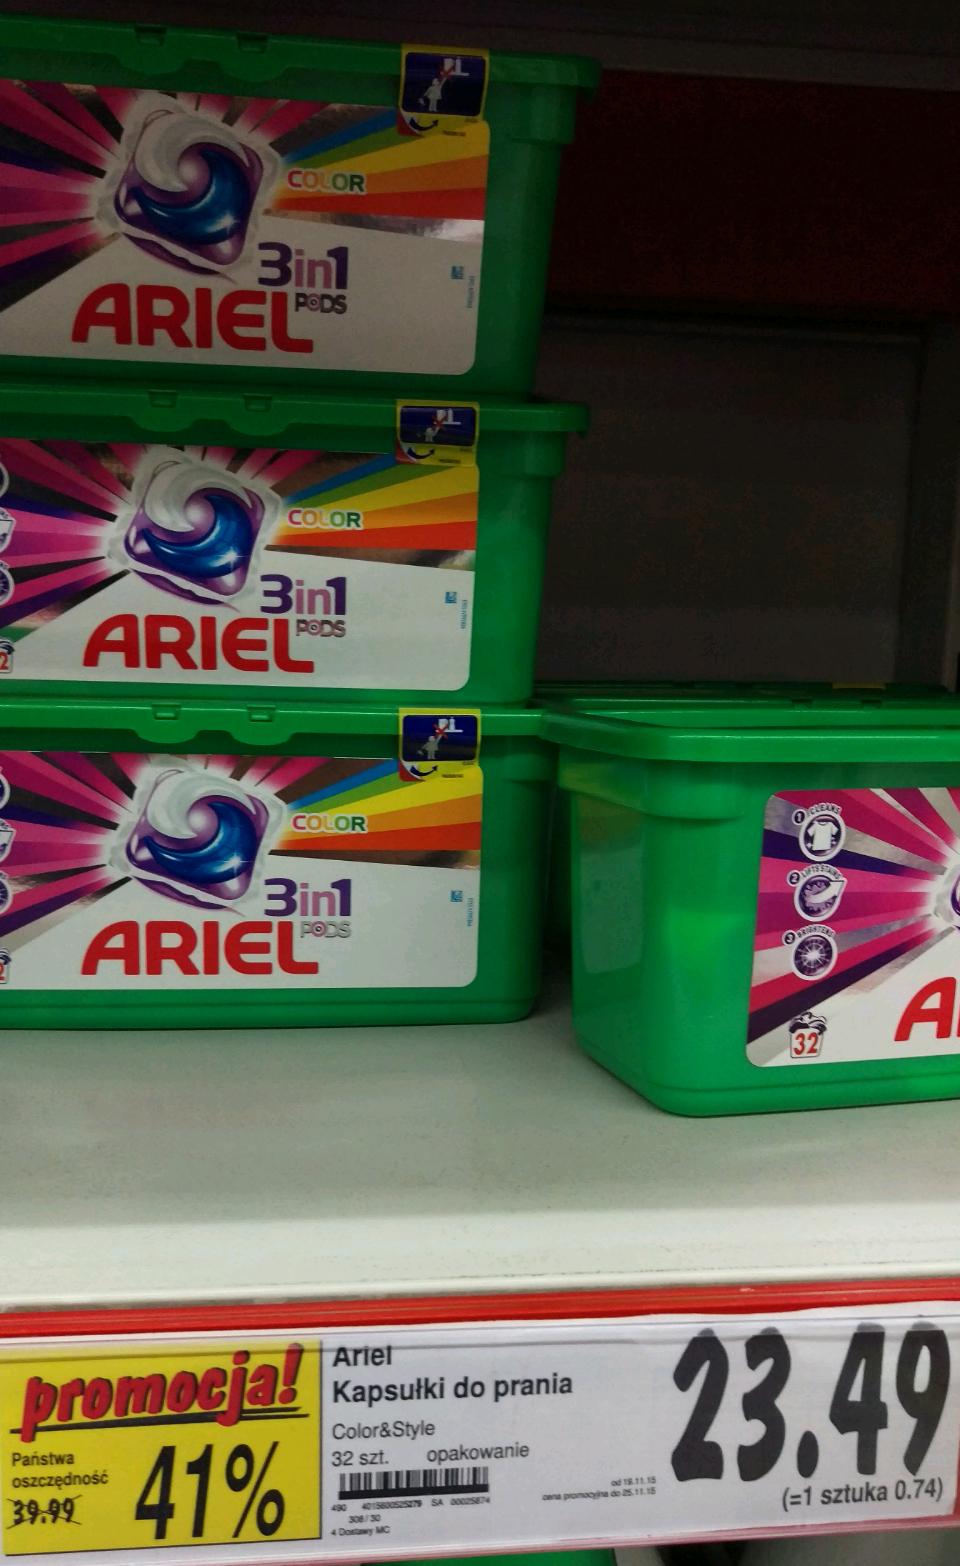 Kapsułki do prania ARIEL 32szt. @ Kaufland